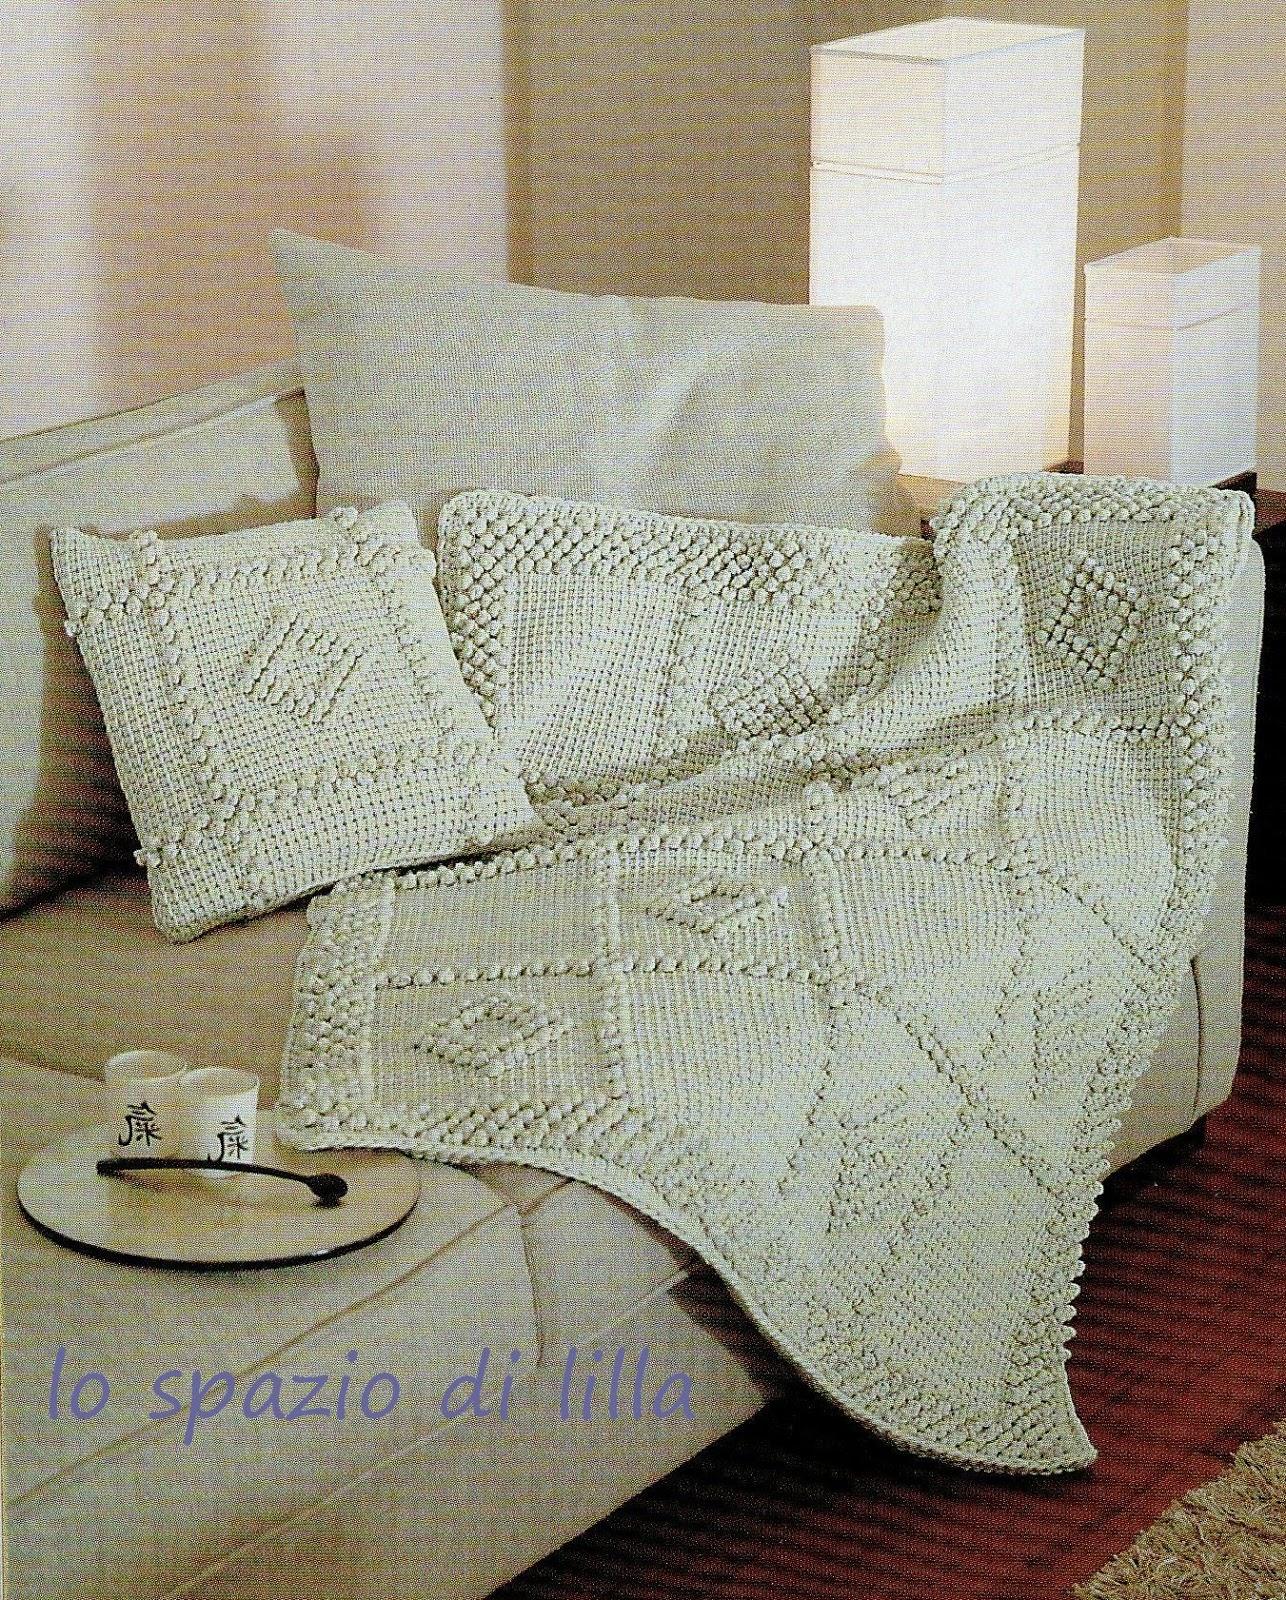 Lo spazio di lilla uncinetto tunisino il cuscino ed il for Piani di coperta in legno gratuiti